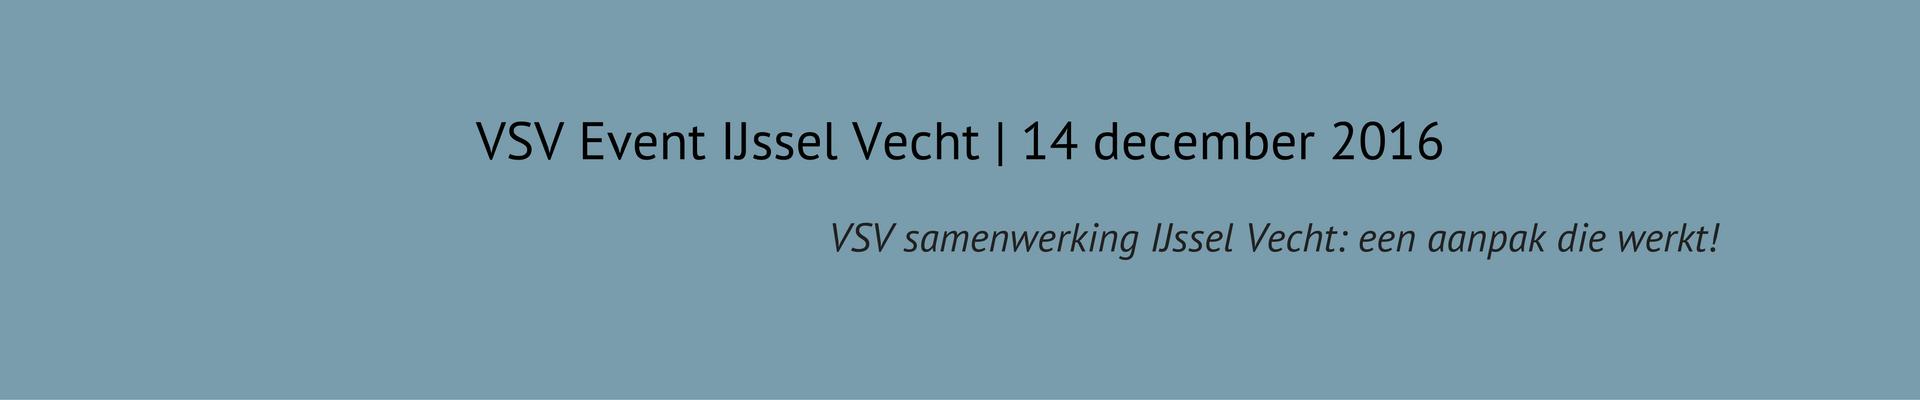 VSV Event IJssel Vecht